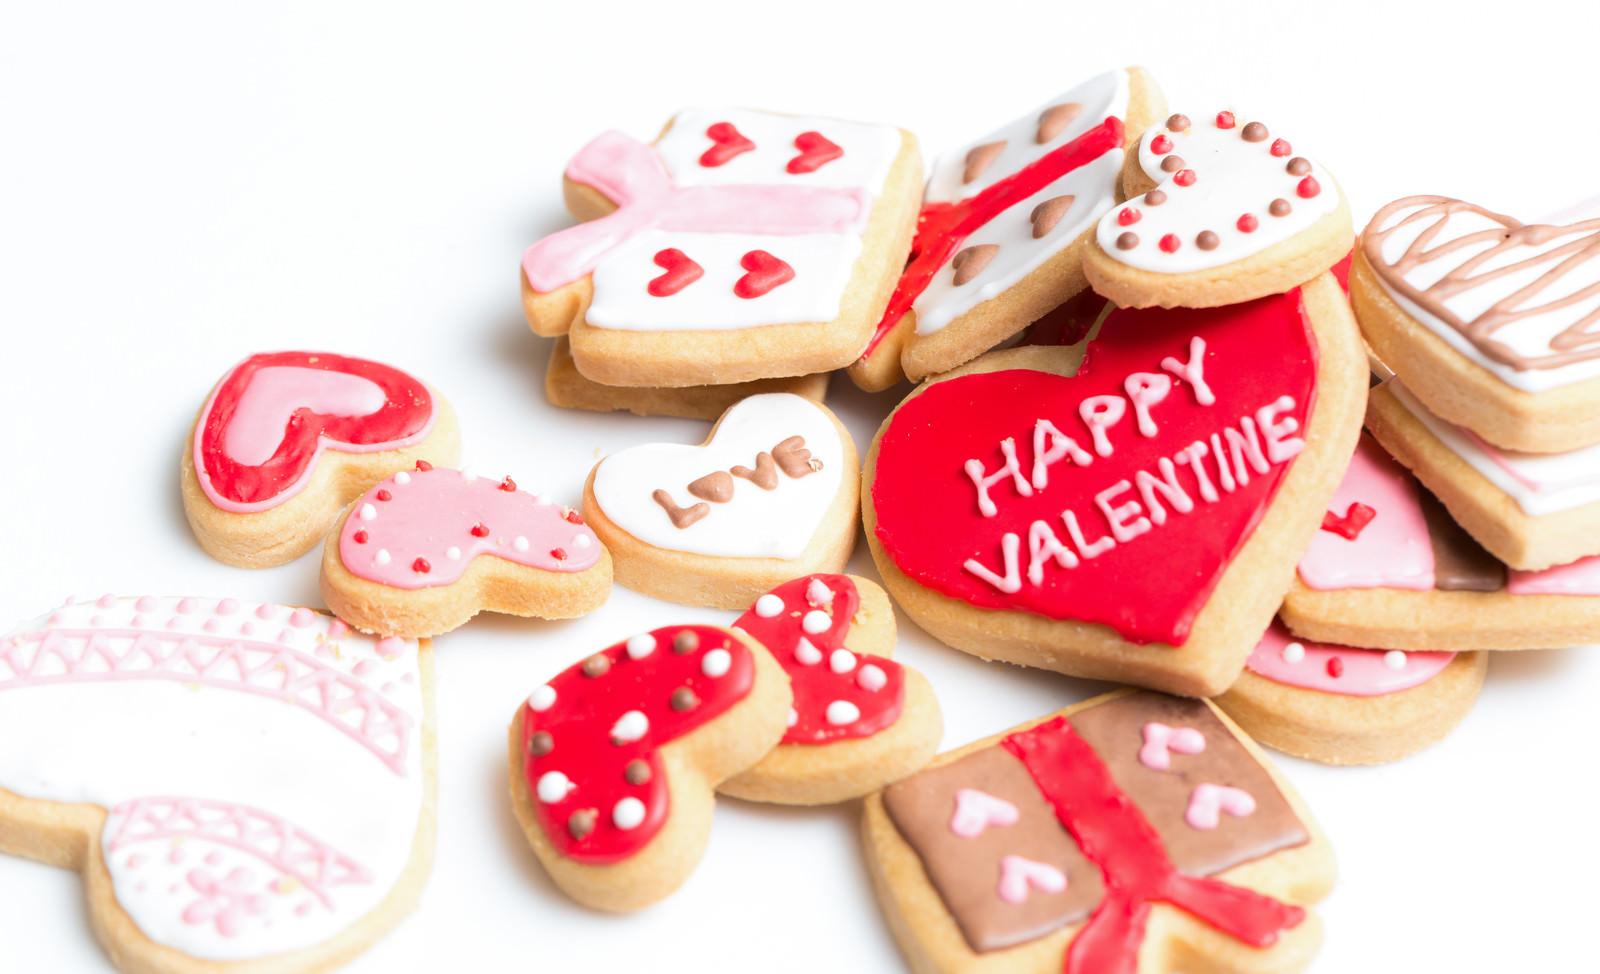 「ハッピーバレンタイン(アイシングクッキー) | 写真の無料素材・フリー素材 - ぱくたそ」の写真